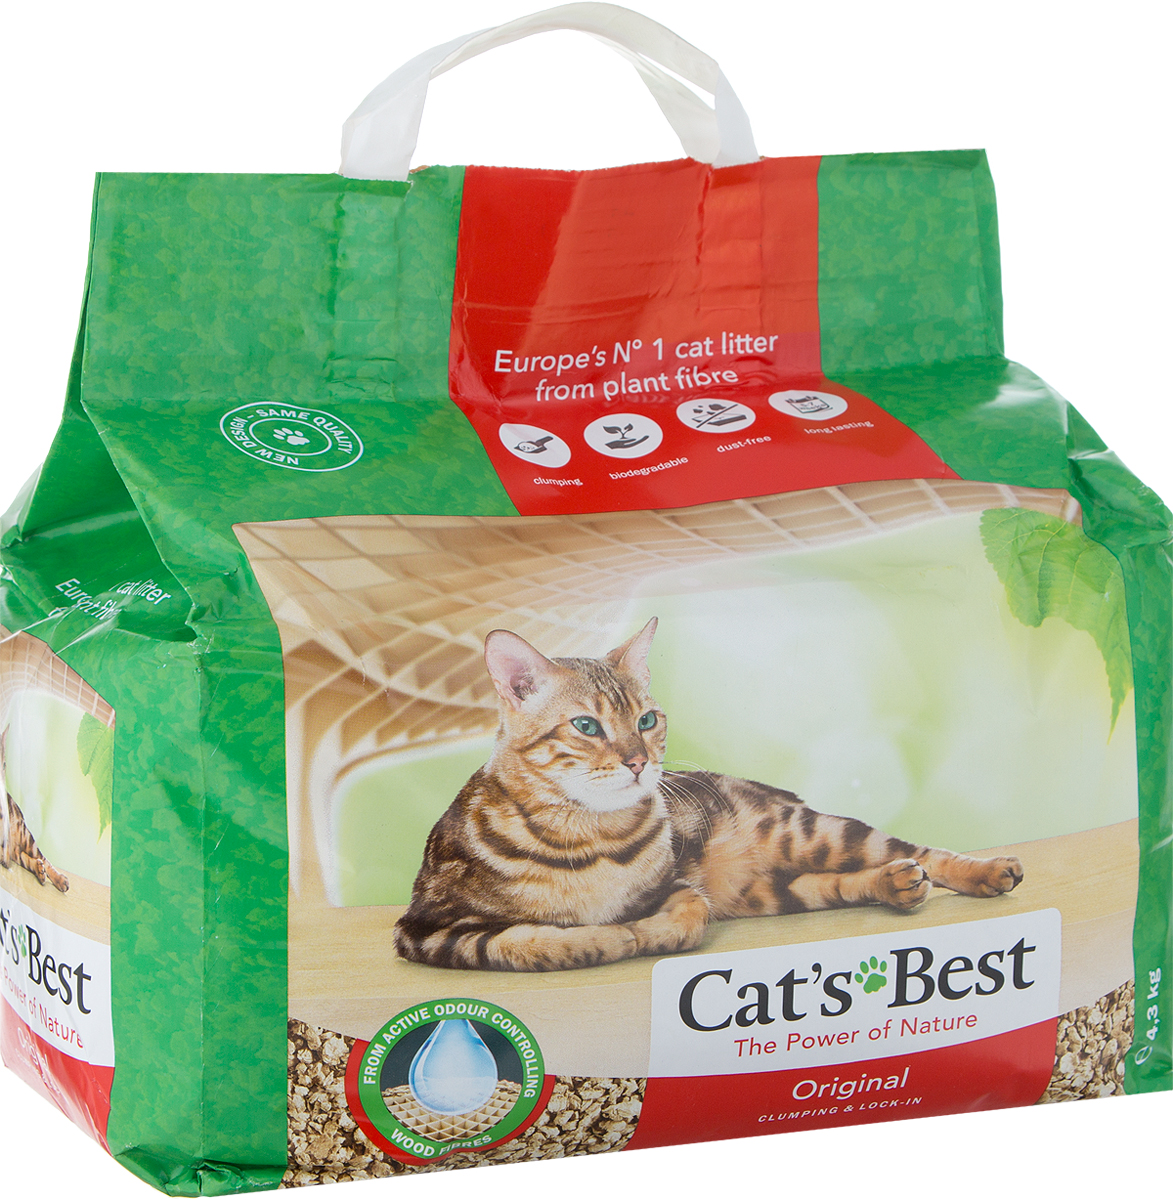 Наполнитель древесный комкующийся Cats Best Eko Plus, 10 л (4,3 кг)12105Экологически чистый древесный комкующийся наполнитель для кошачьего туалета Cats Best Eko Plus производится из необработанной европейской еловой и сосновой древесины, которая берется из свежеупавших стволов. Пригоден к компостированию и на 100% биологически разлагаем.Наполнитель обладает исключительным запахопоглощением и впитываемостью. Неприятный запах эффективно и надолго связывается в капиллярной системе растительных волокон - притом естественно, без добавления химических примесей или ароматизаторов. Наполнитель можно выбрасывать в унитаз. Особенности: - впитывает в 7 раз больше собственного объема; - экологически чистый, безвредный наполнитель; - не содержит искусственных ароматизаторов и отдушек; - экономичный; - лучший кошачий наполнитель по поглощению запаха; - легко утилизируется: использованный наполнитель можно смывать в туалет; - не пылит.Уважаемые клиенты! Обращаем ваше внимание на то, что упаковка может иметь несколько видов дизайна. Поставка осуществляется в зависимости от наличия на складе.